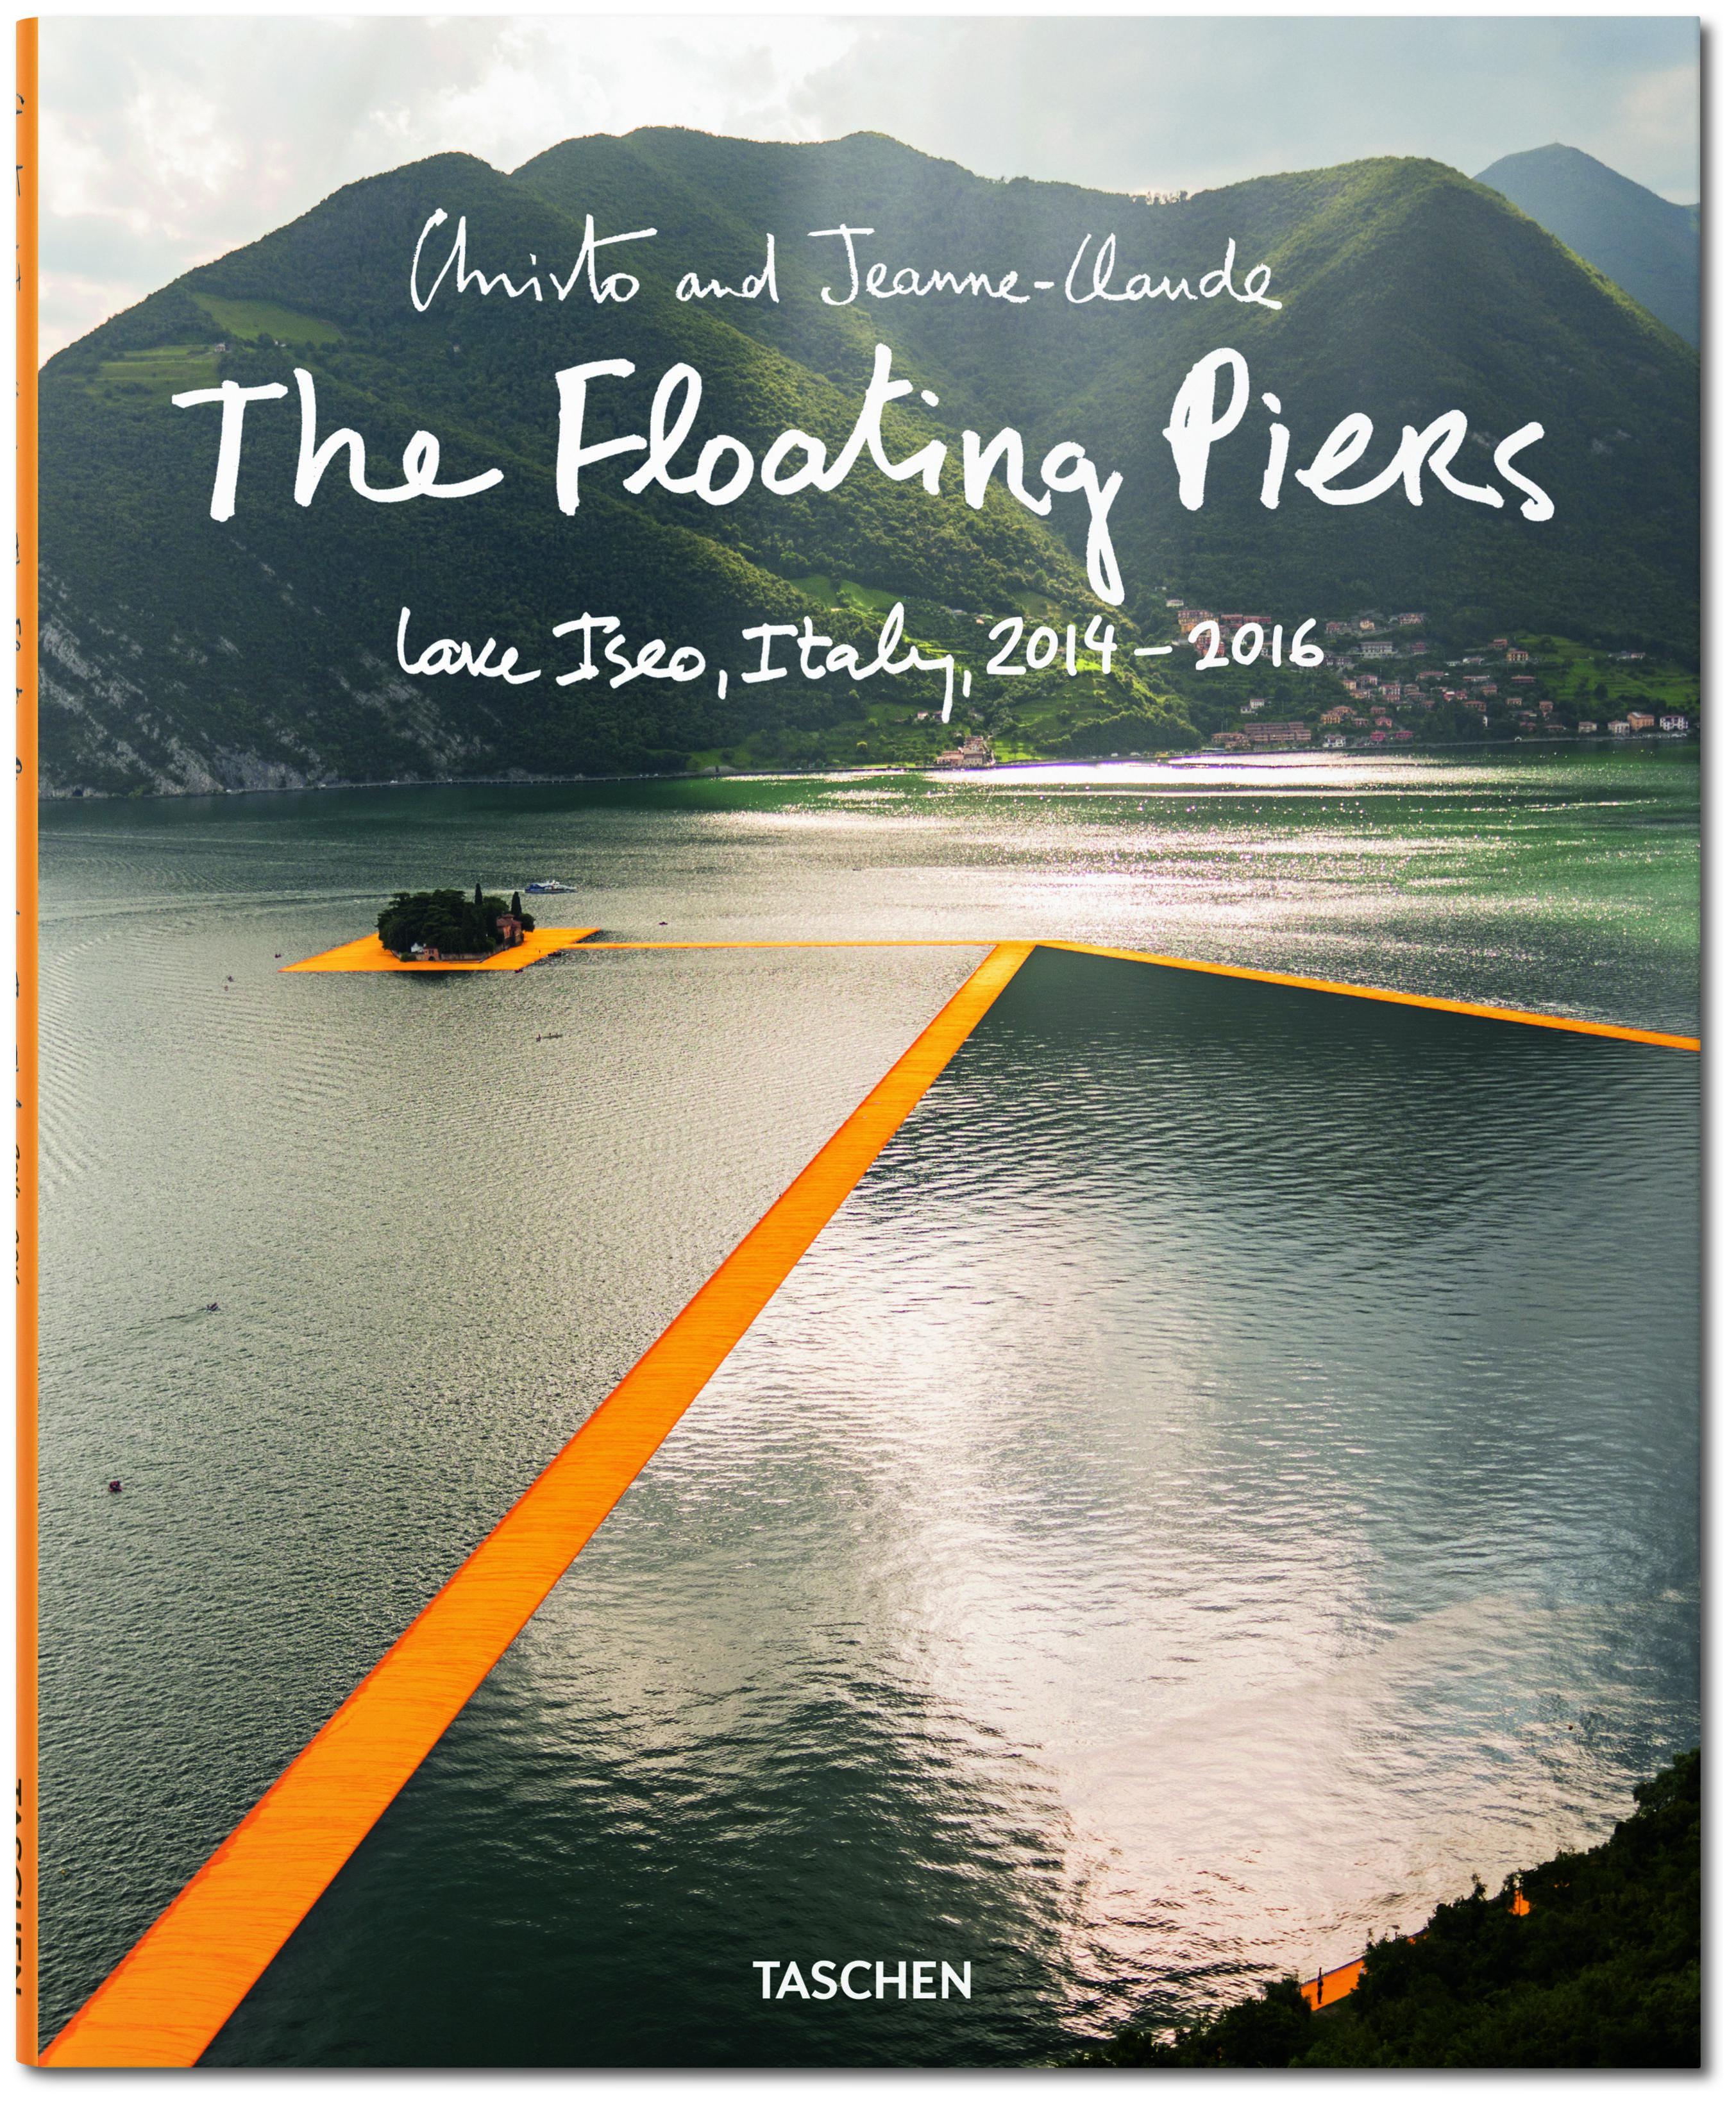 Christo und Jeanne-Claudes Floating Piers auf dem Iseosee